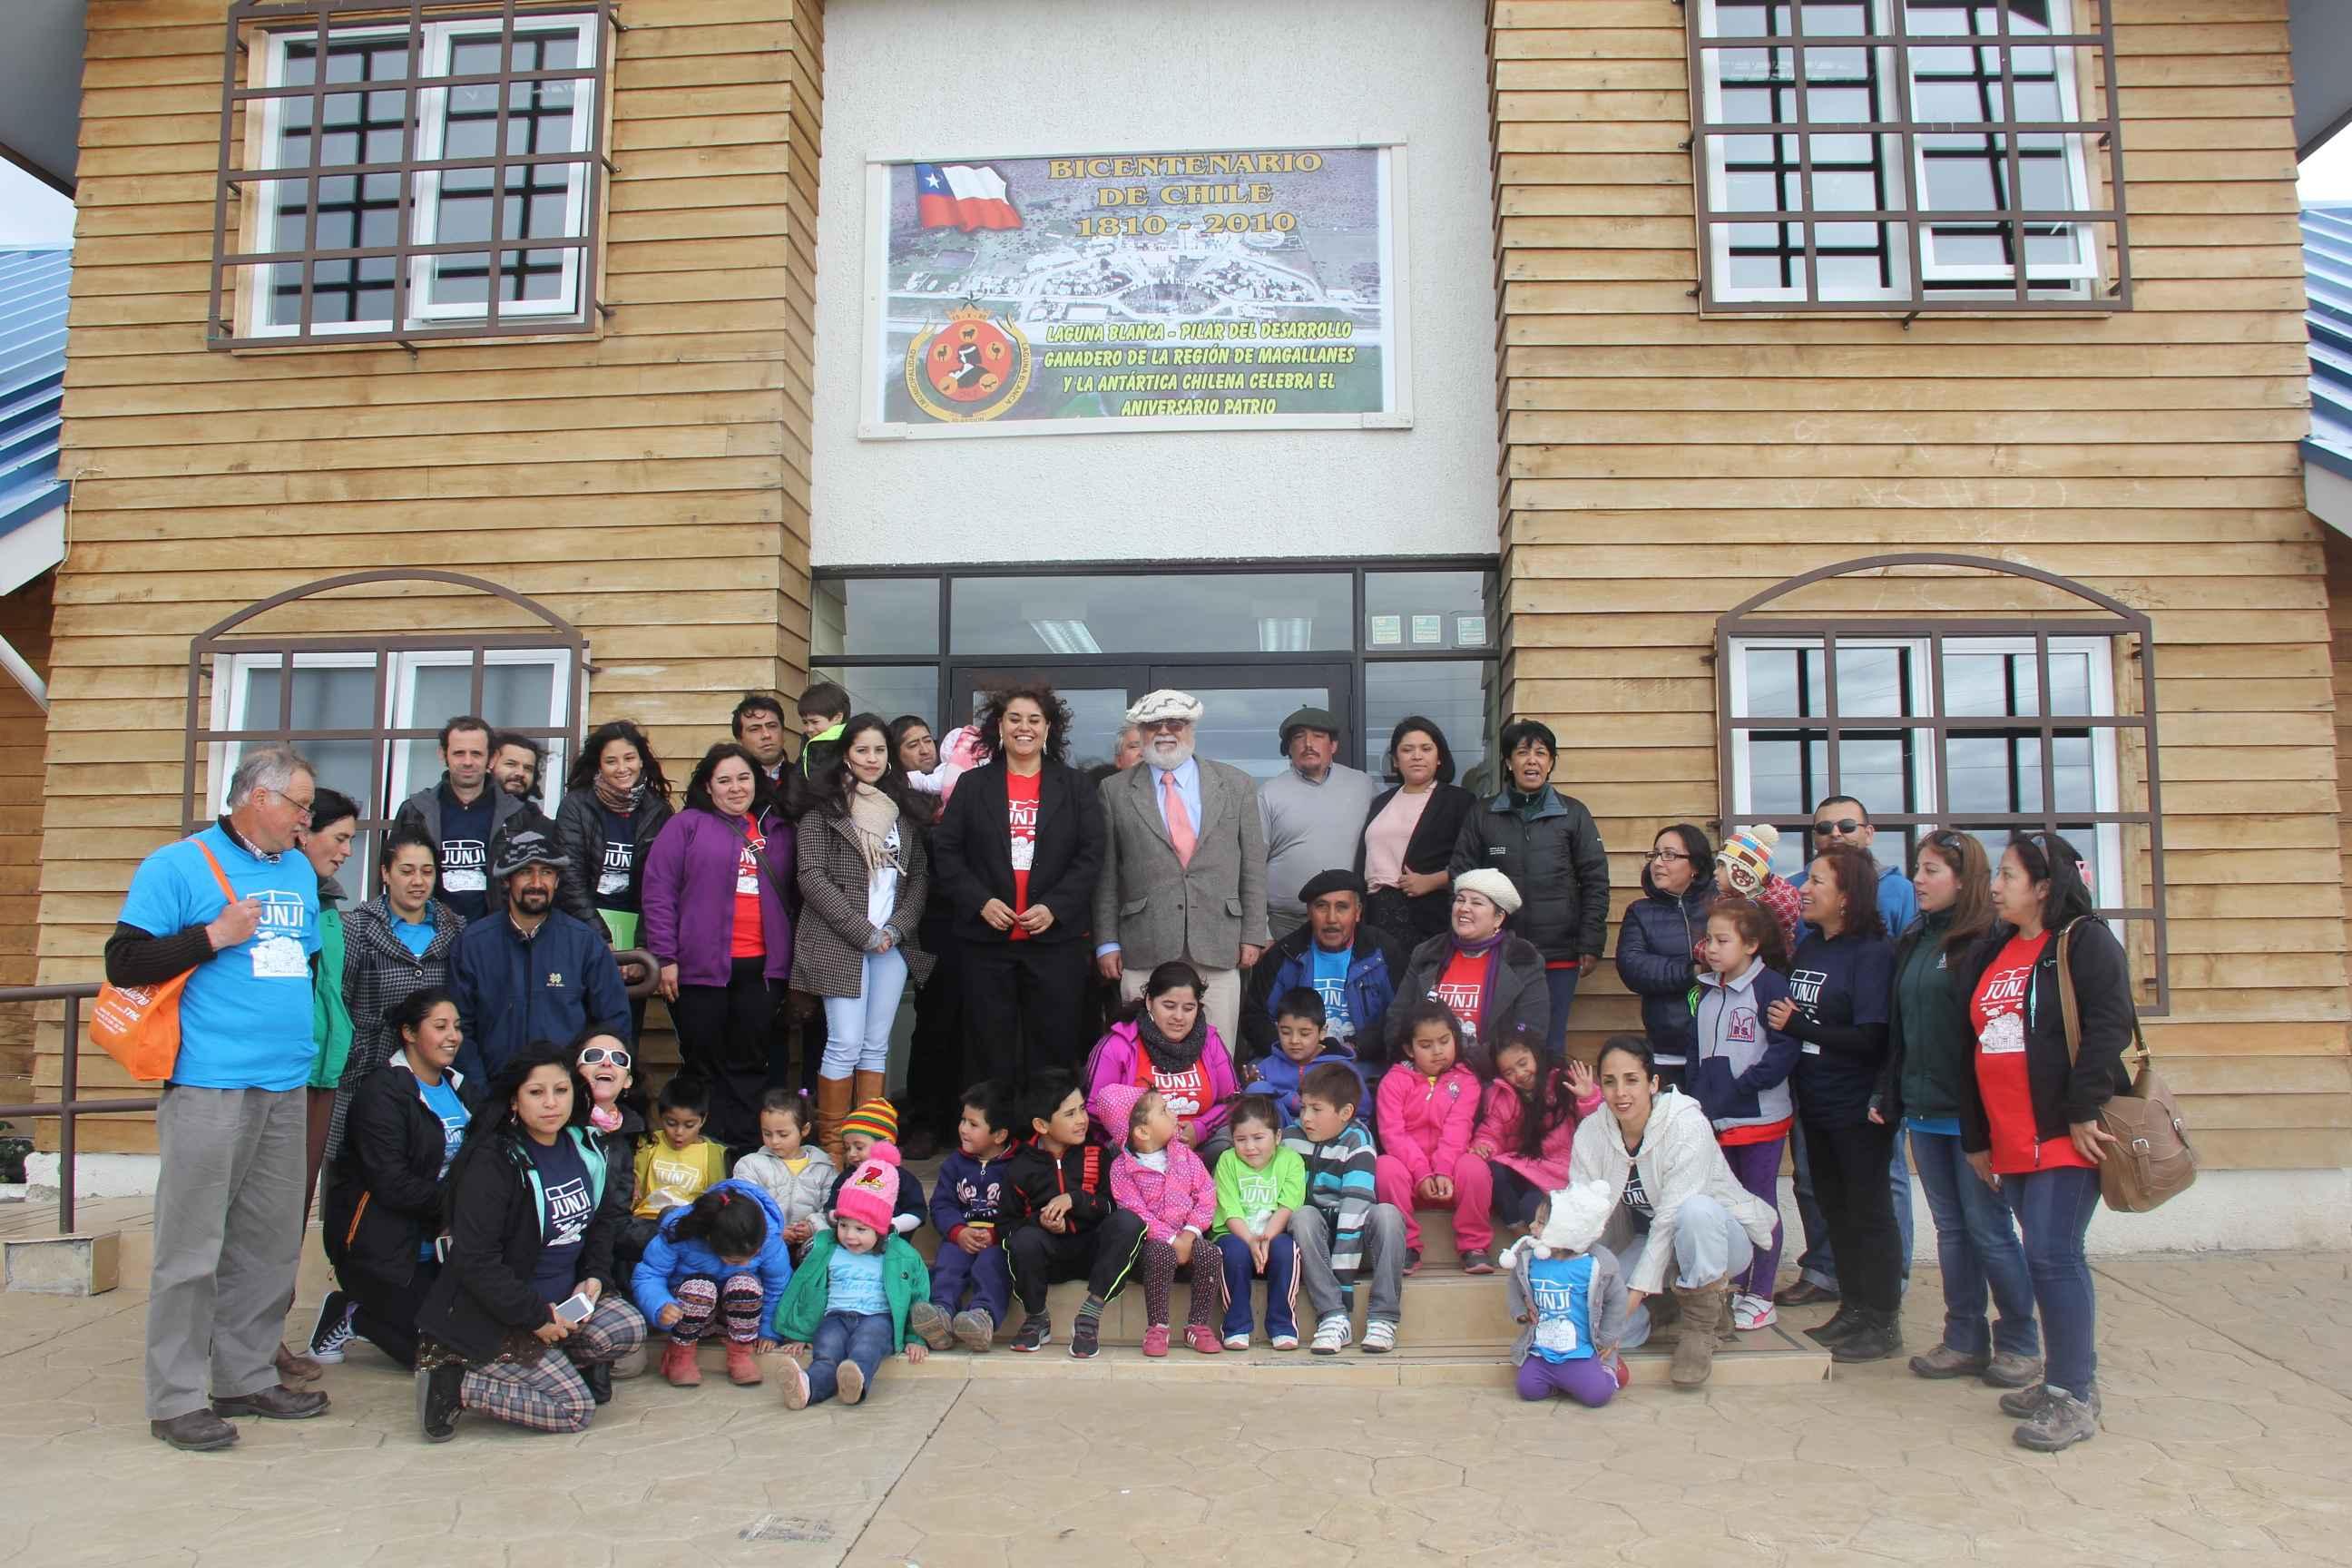 Familias de distintas zonas rurales de magallanes for Jardin villa austral punta arenas